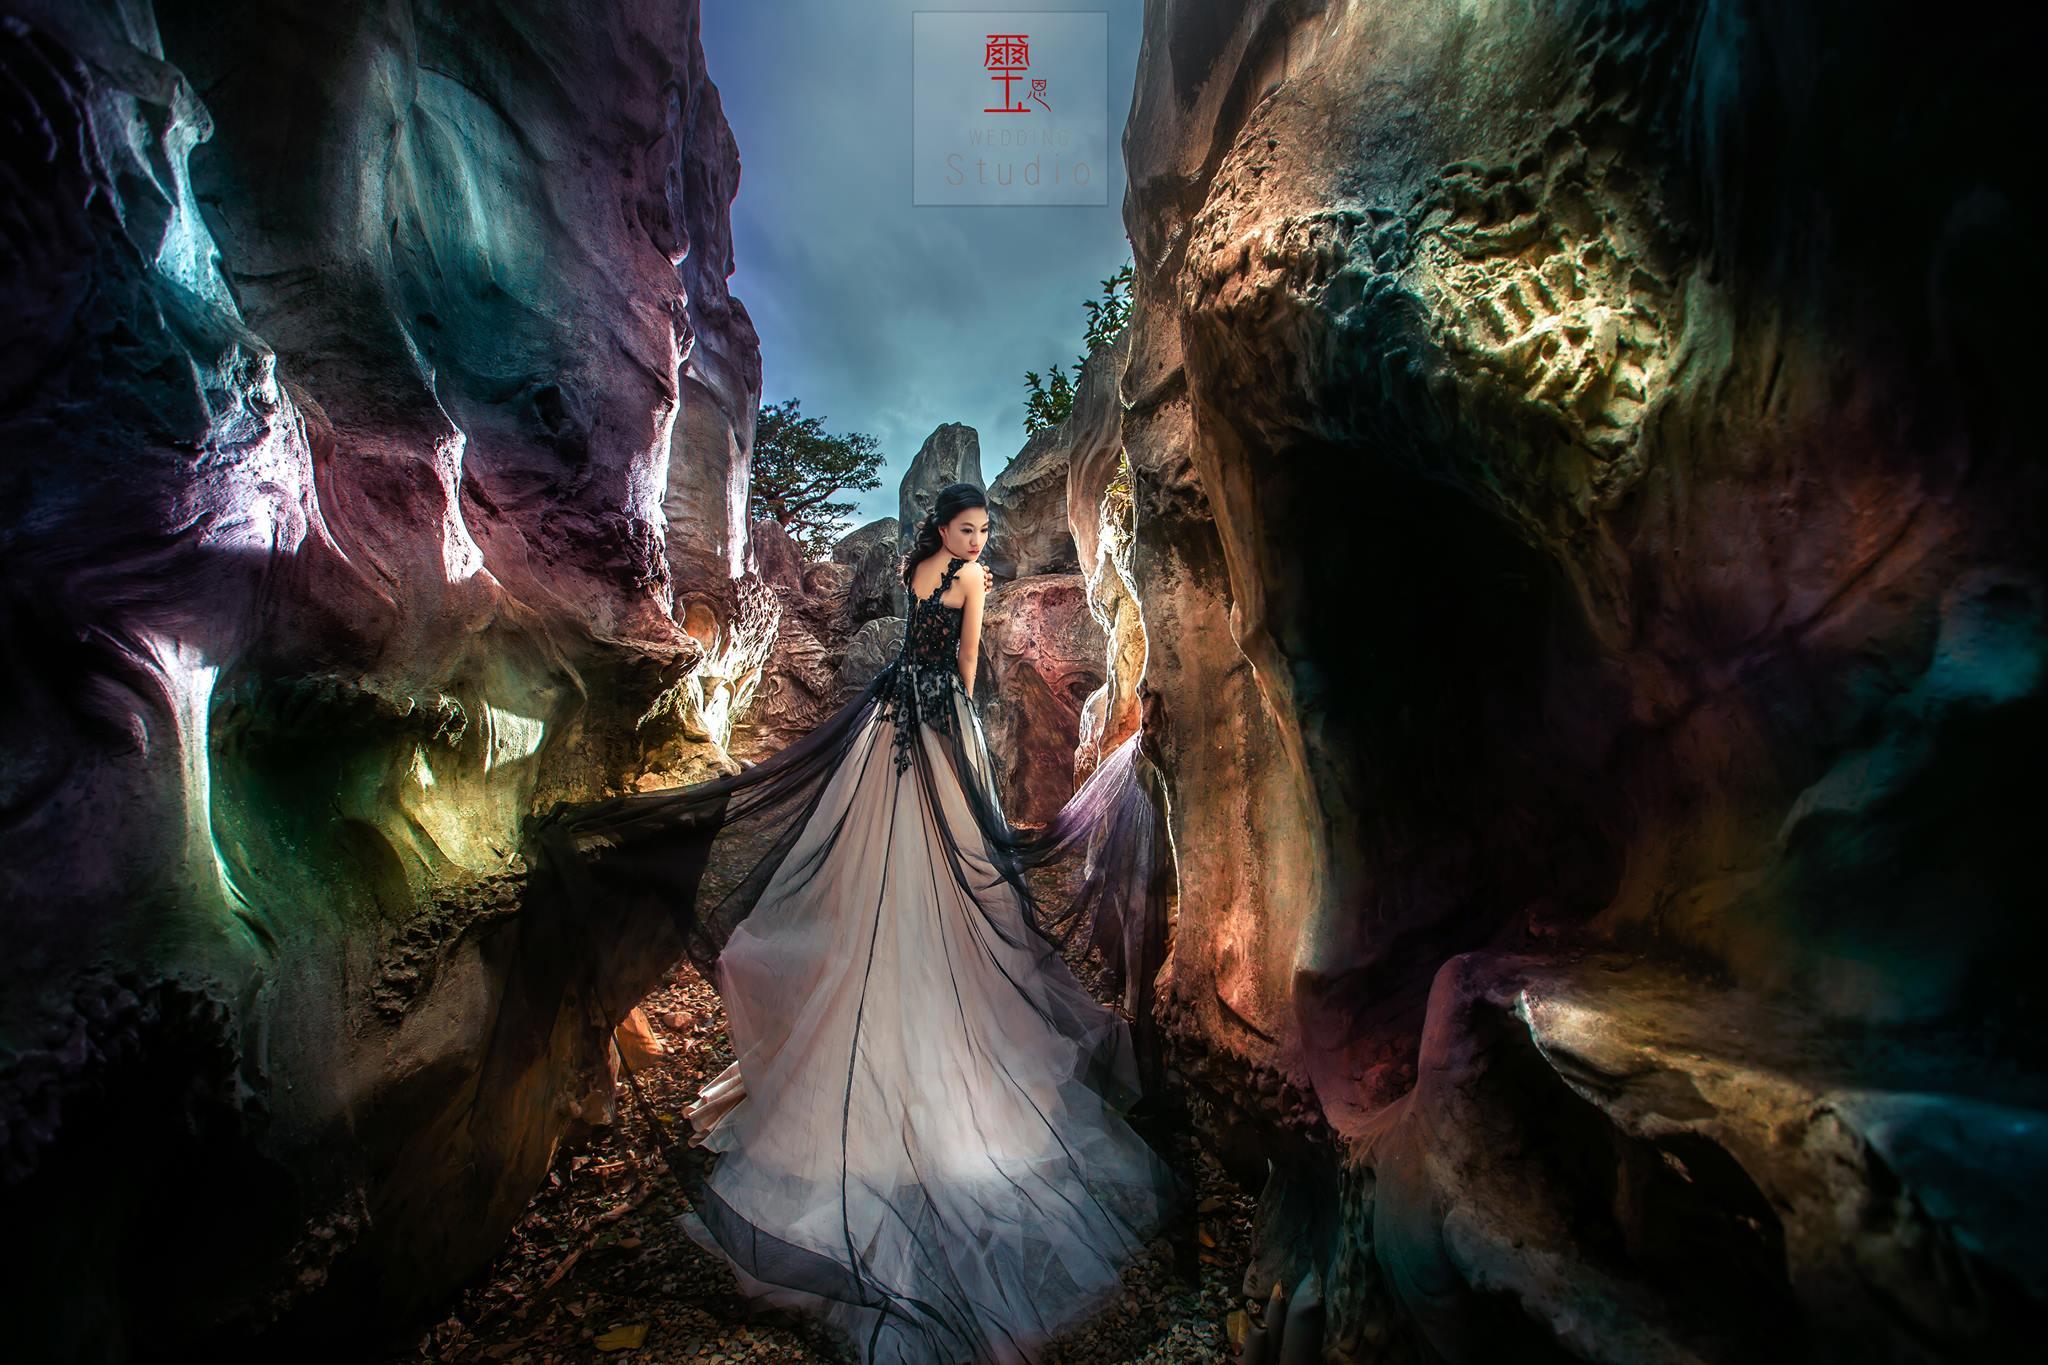 婚紗攝影工作室,,,,, - 璽恩婚紗工作室 作品瀏覽